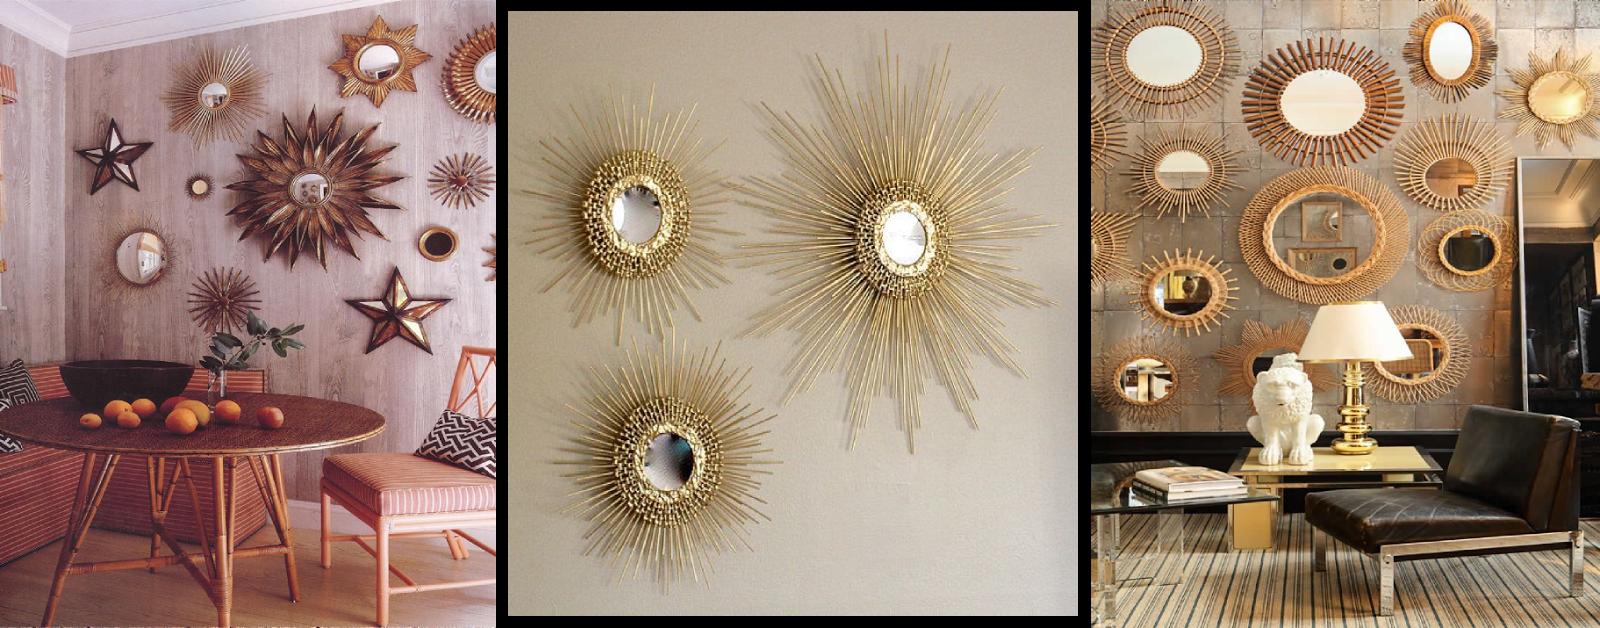 Vintagellous diy espejo de sol vintage - Espejos de sol ...